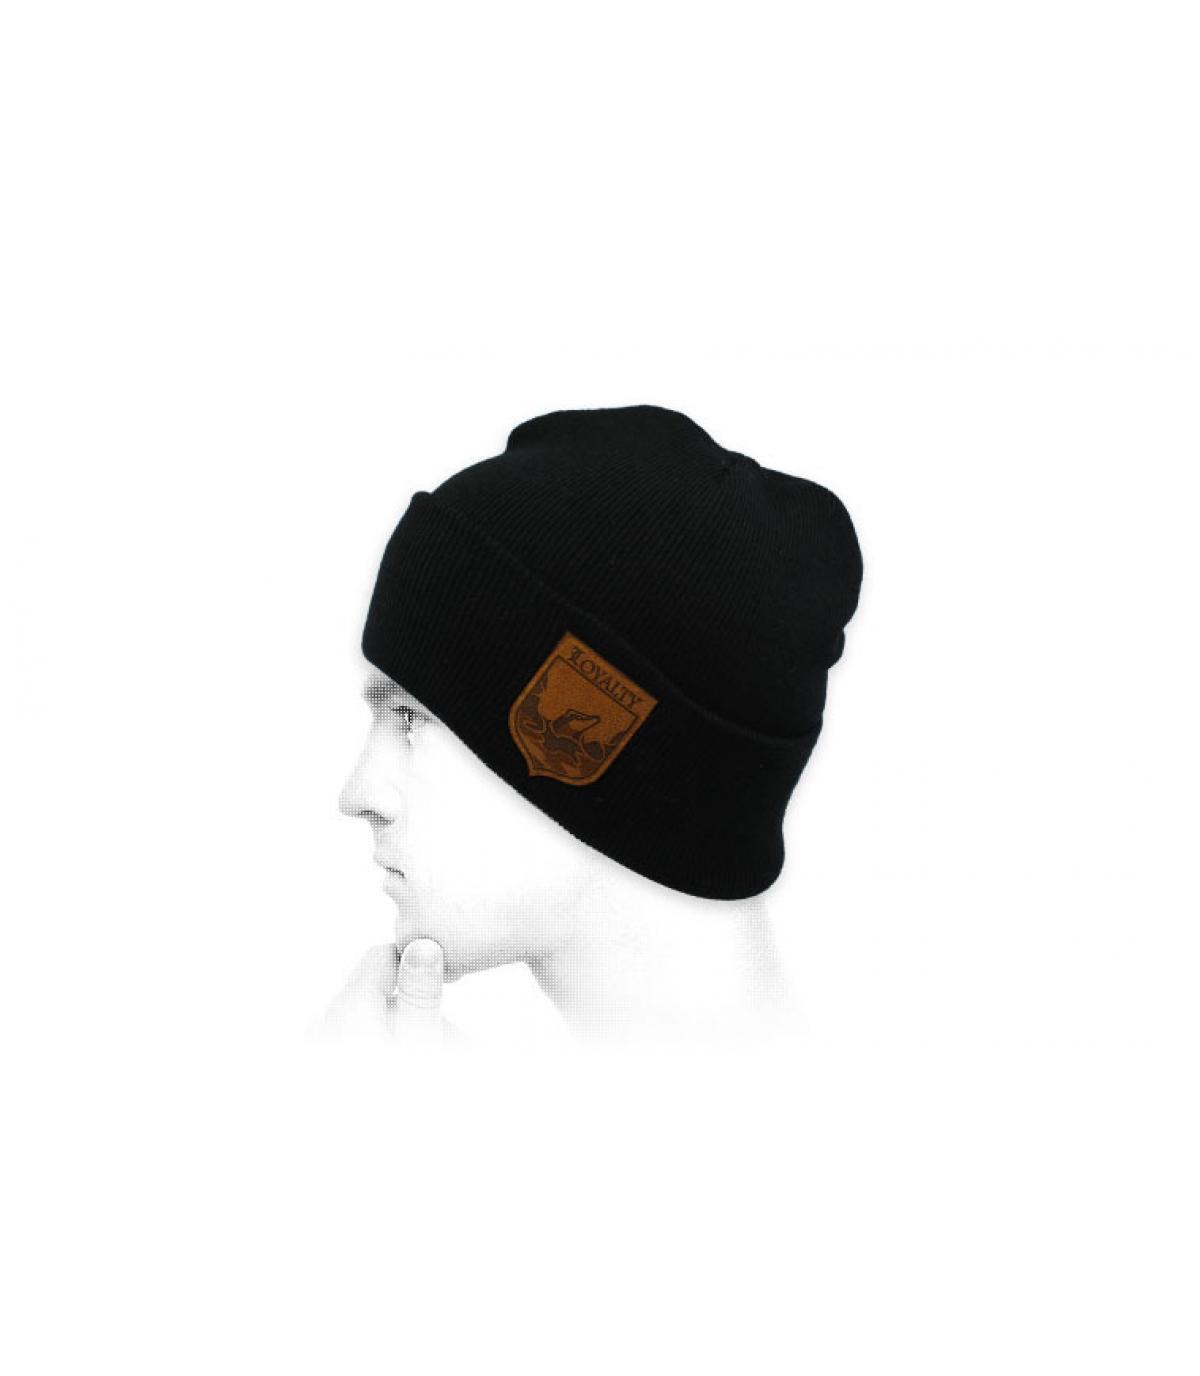 berretto fedeltà nero